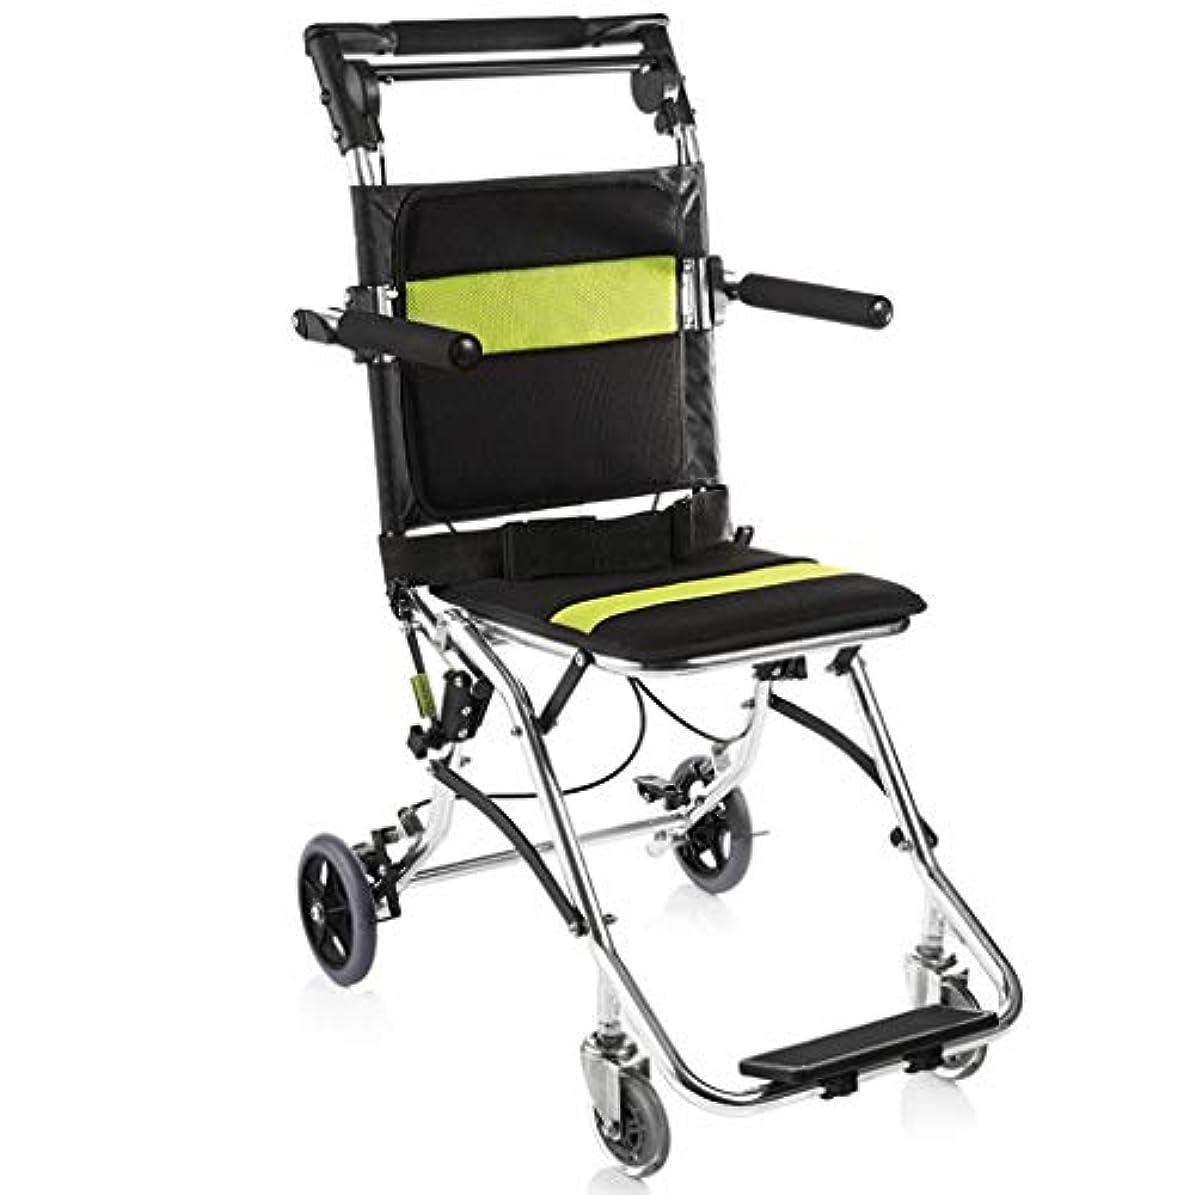 実行するティッシュレプリカ車椅子折りたたみフルオブリーク/リクライニングデザイン、多機能高齢者ポータブルトロリー、四輪ブレーキ車椅子